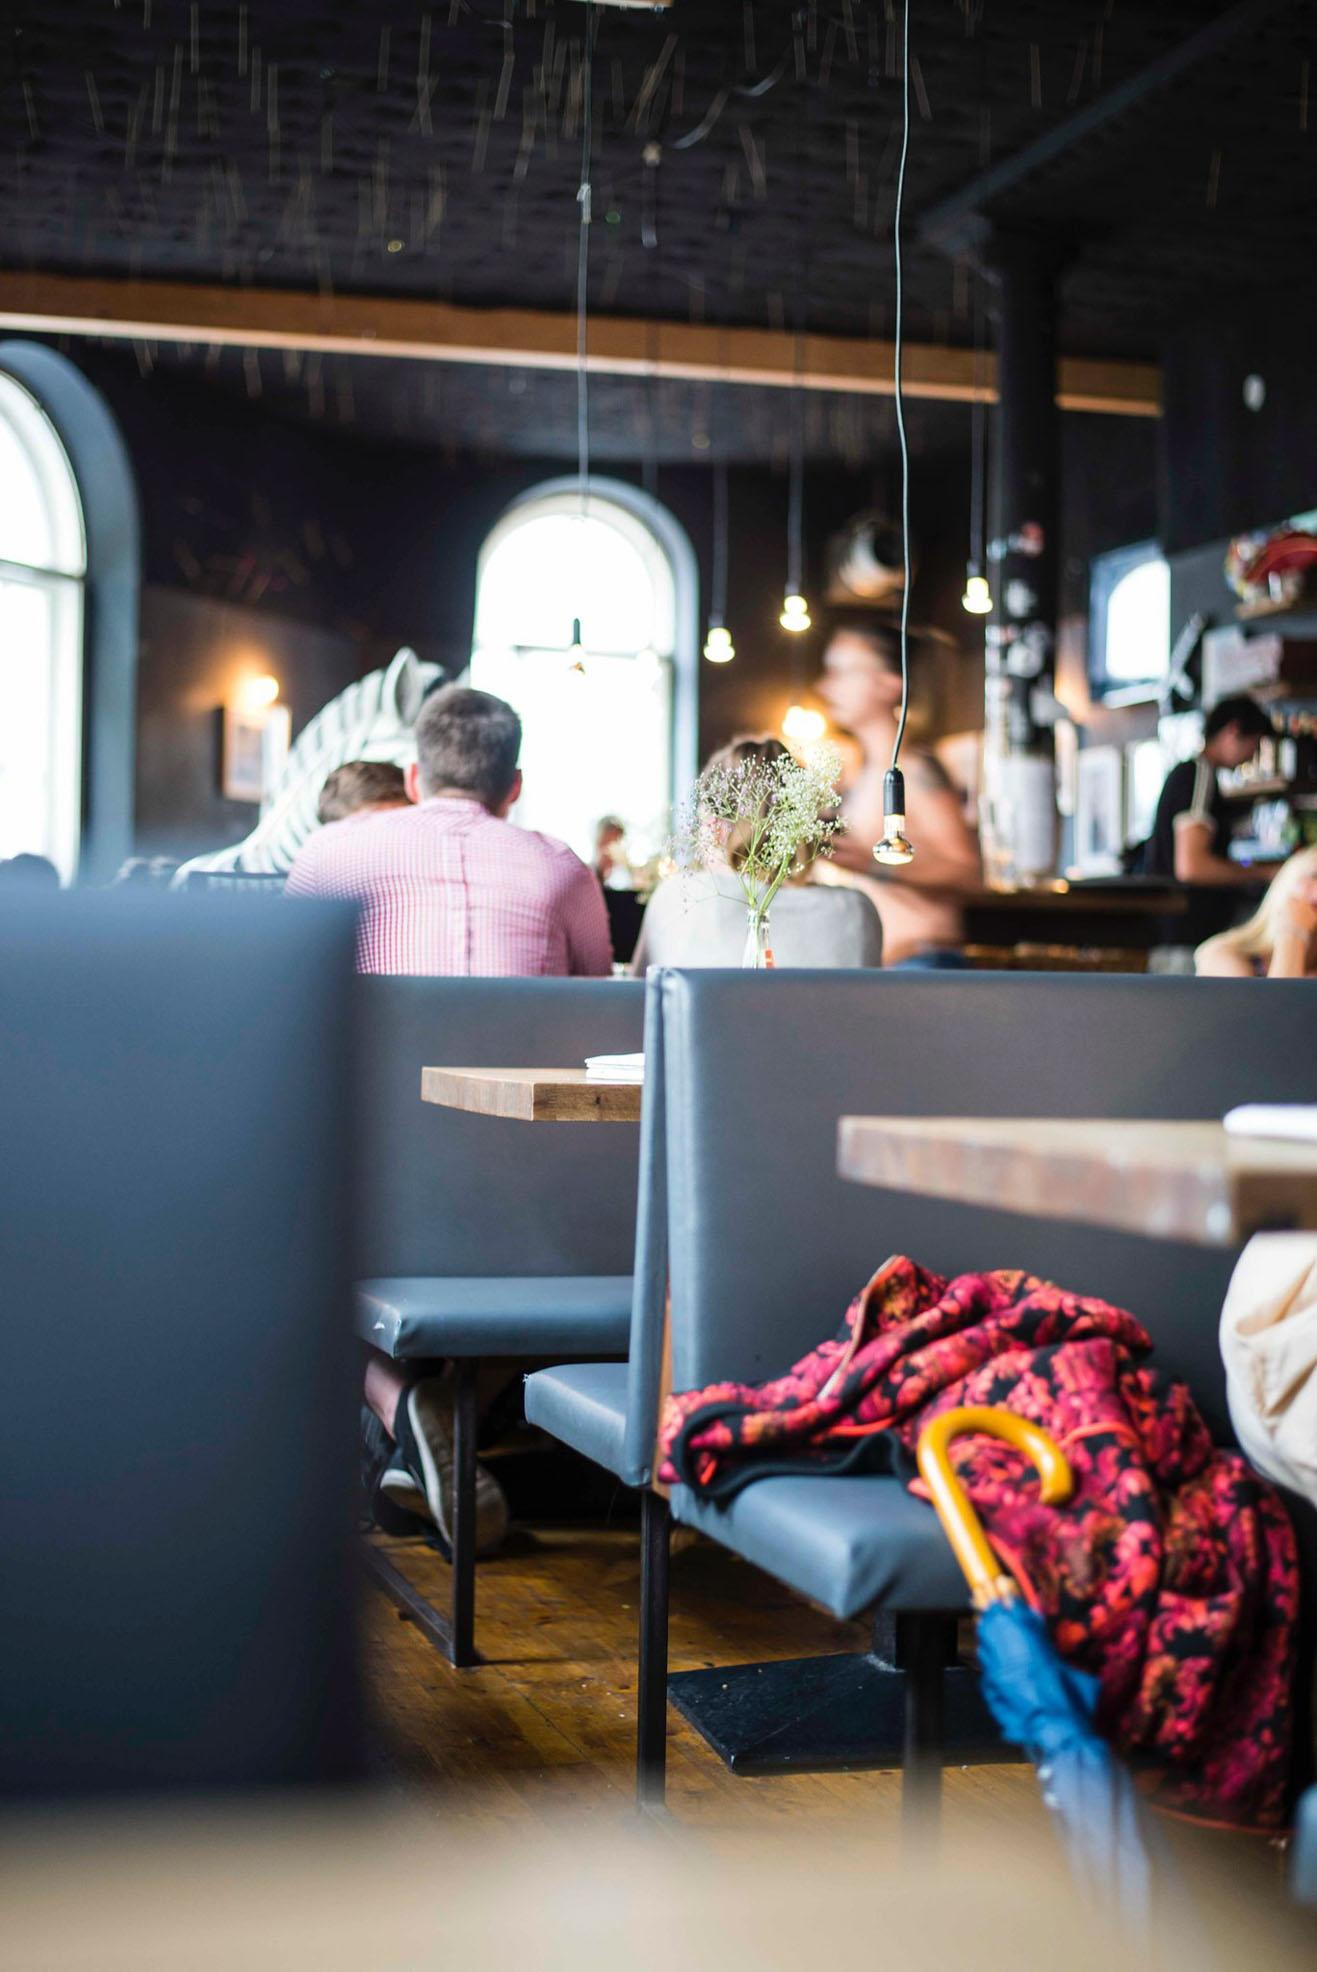 Restaurant in Obergiesing